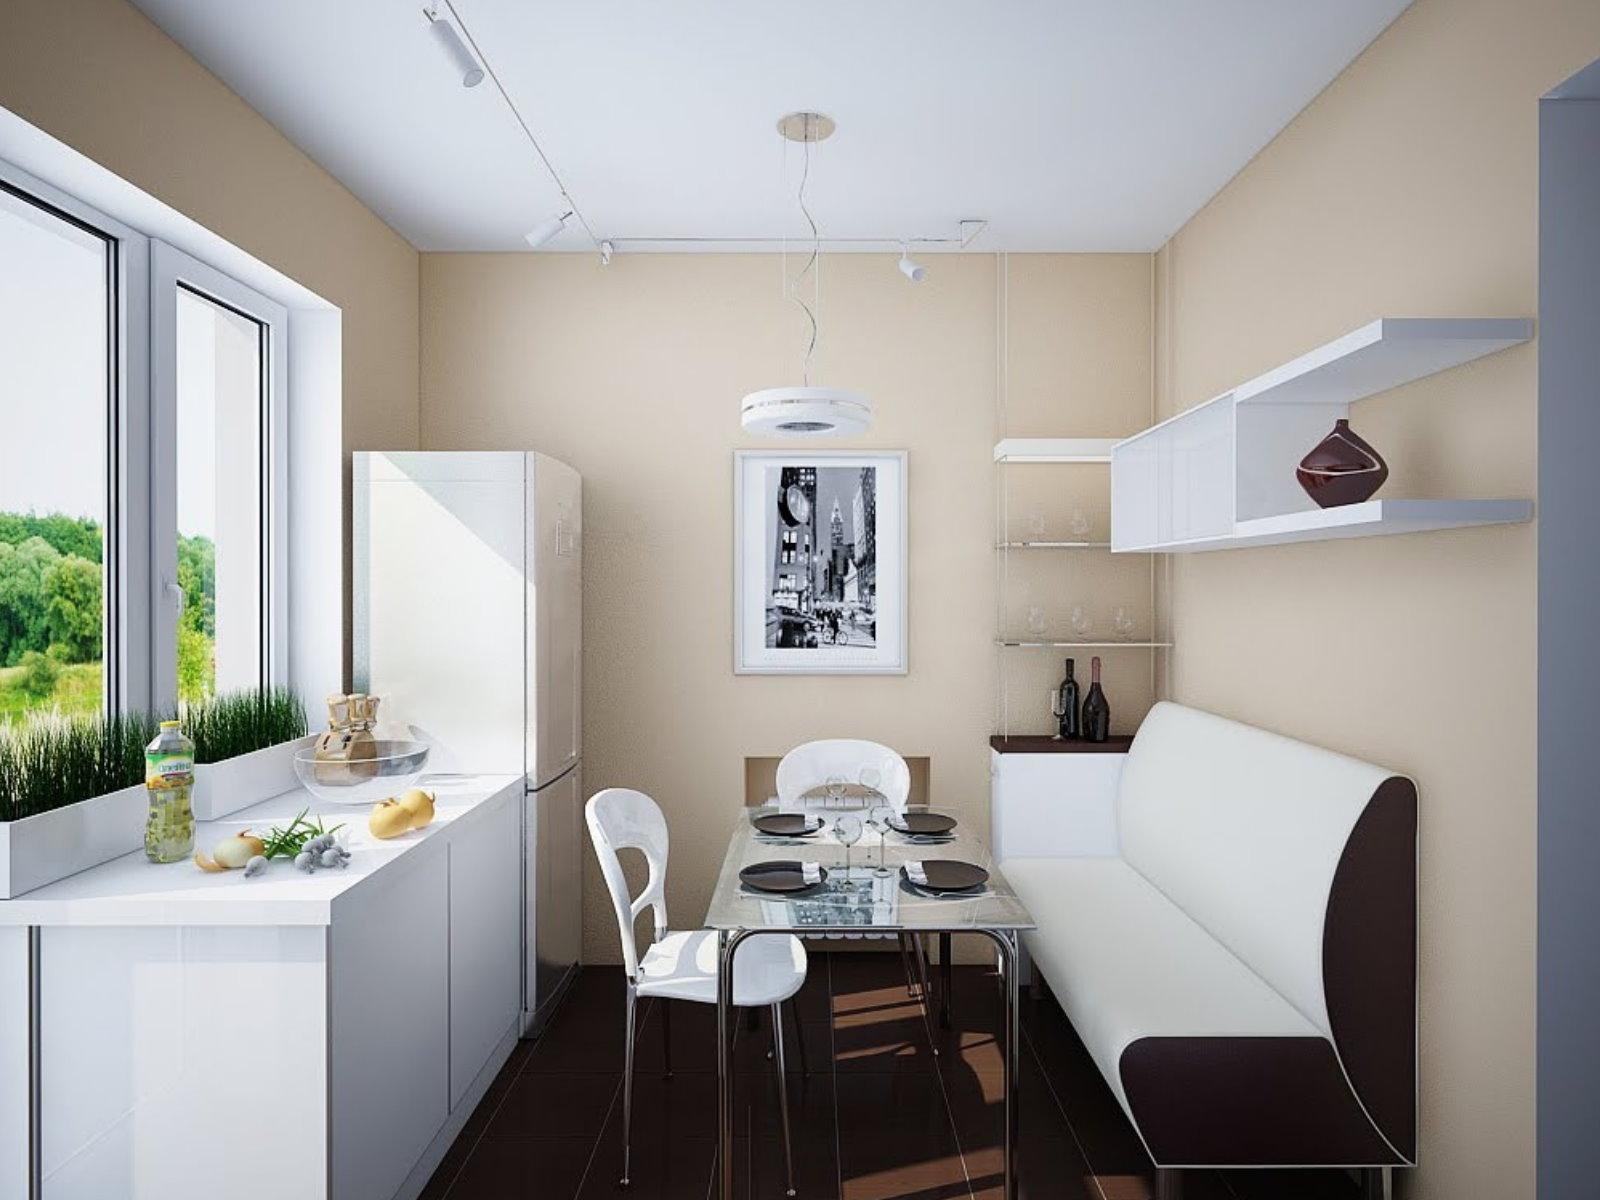 кухня 10 кв м с диваном идеи дизайна